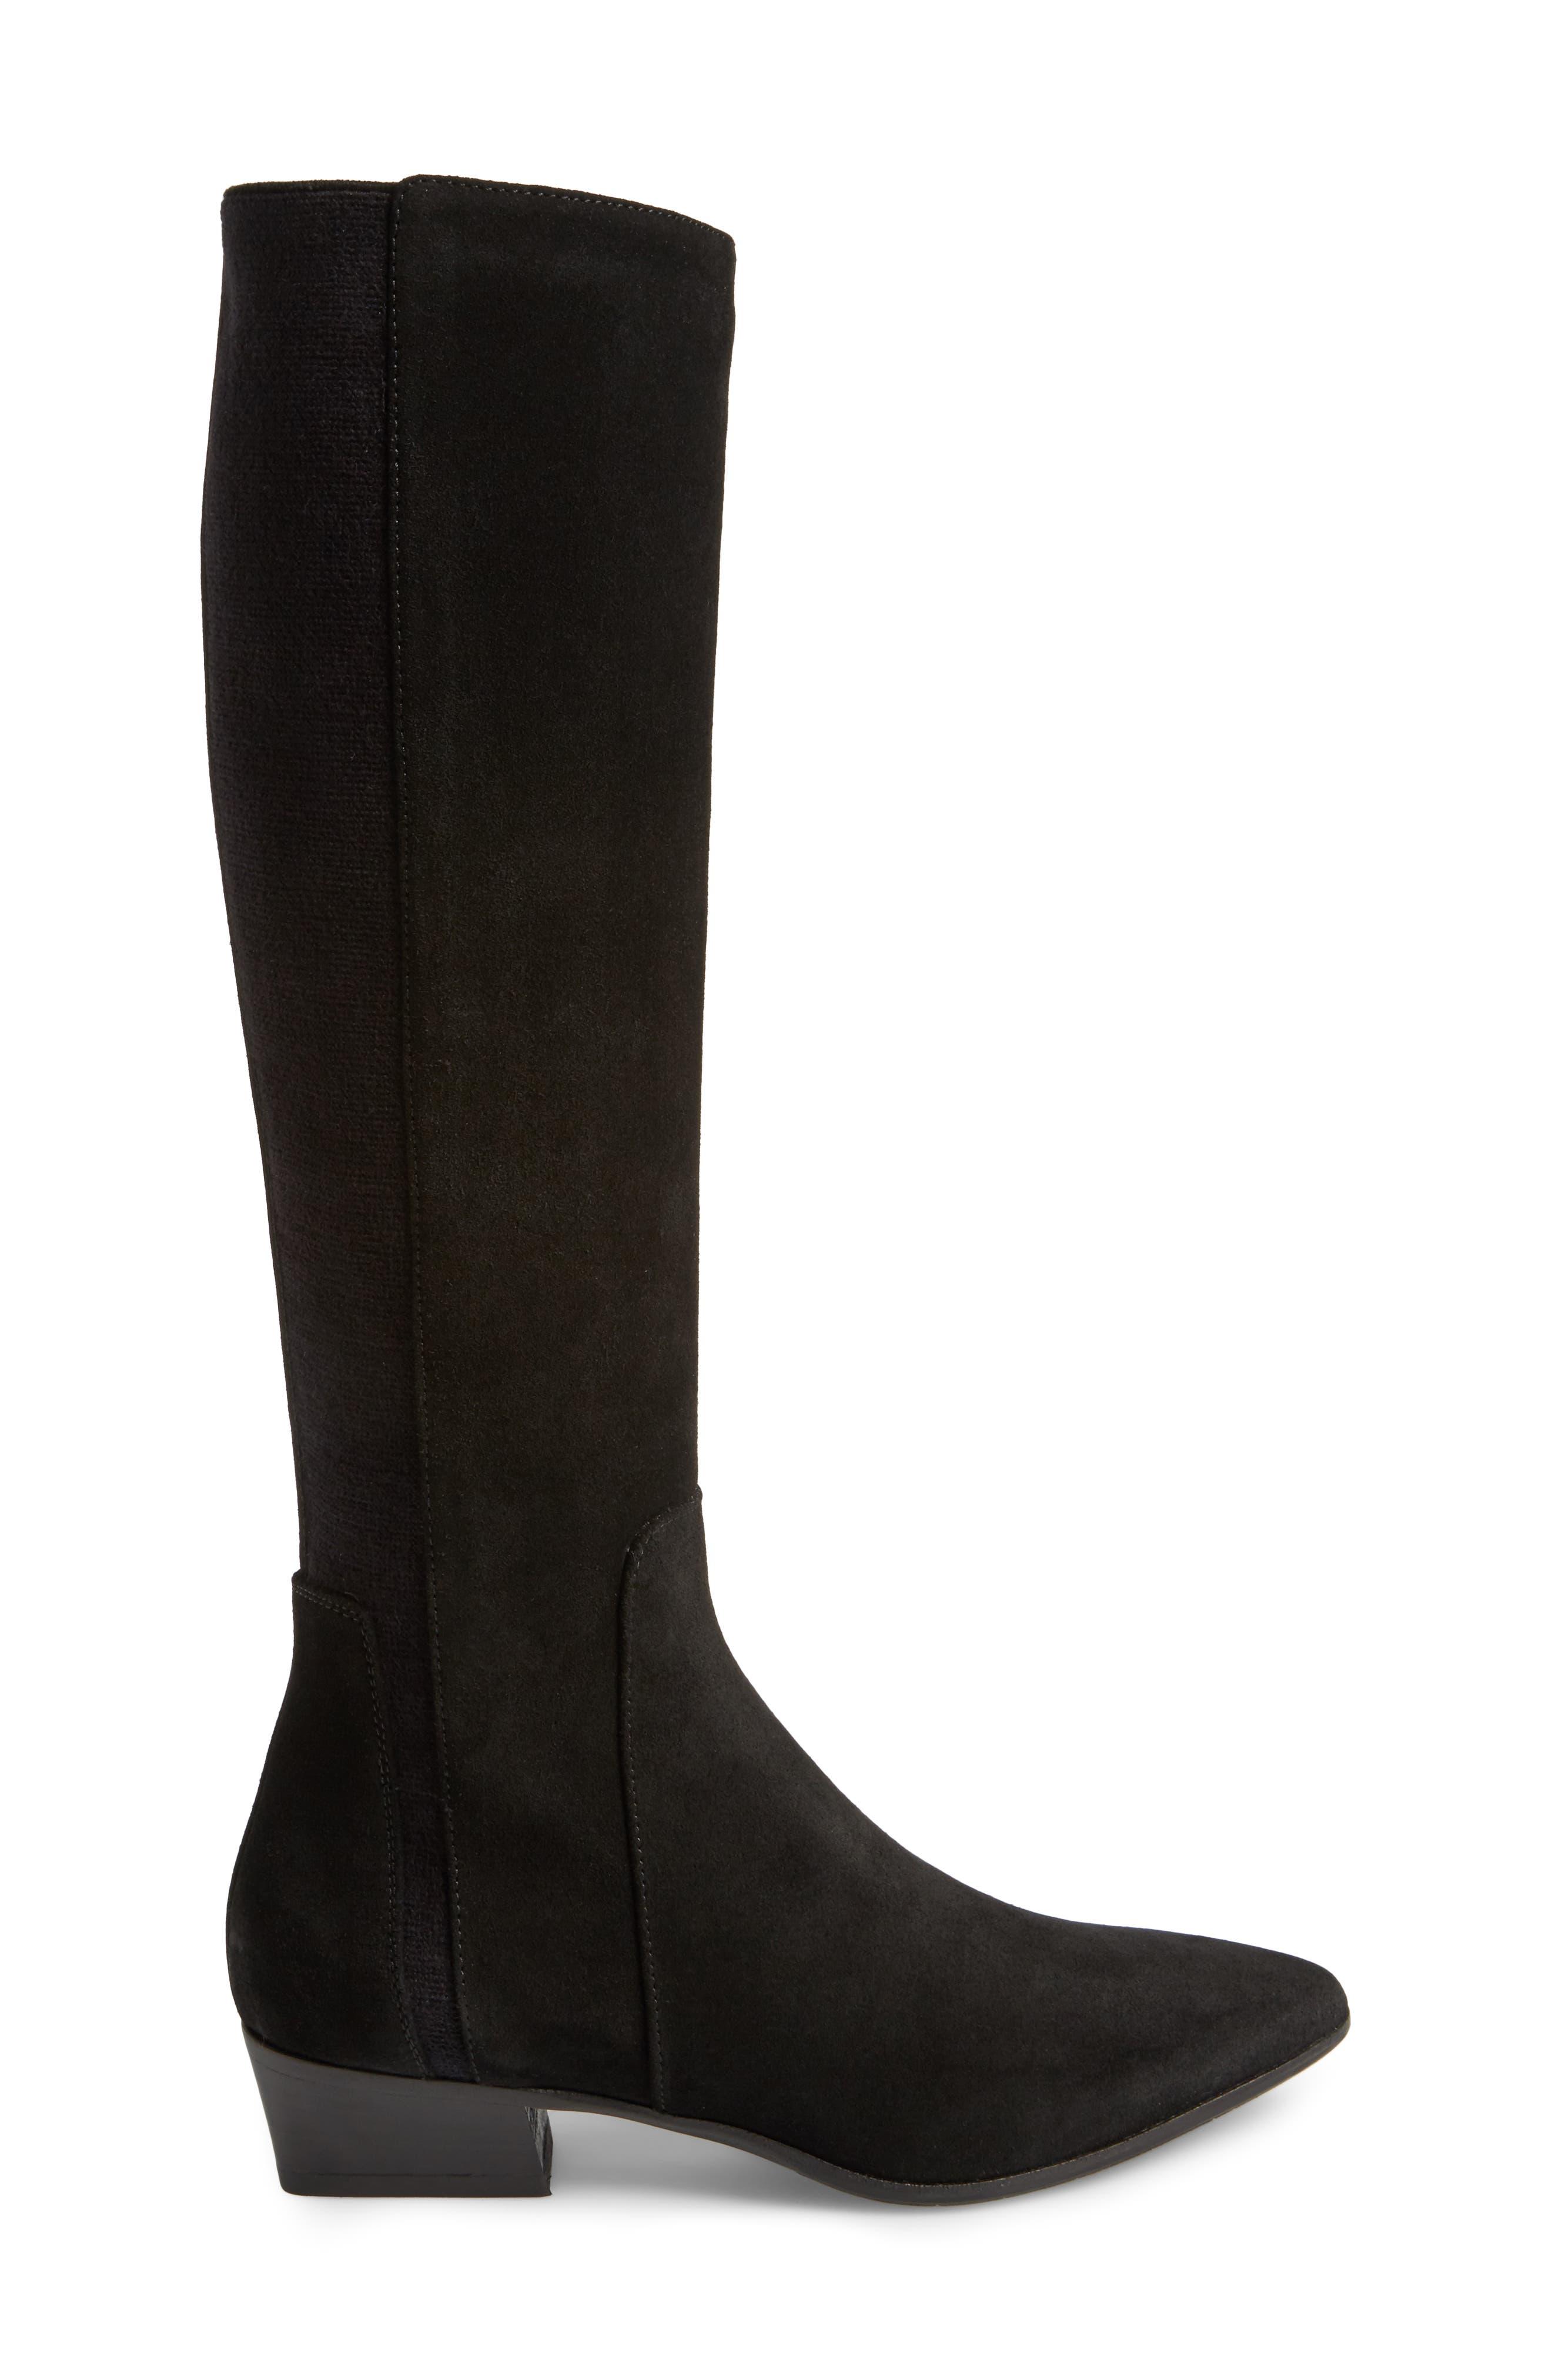 Federica Weatherproof Knee High Boot,                             Alternate thumbnail 3, color,                             Black Suede